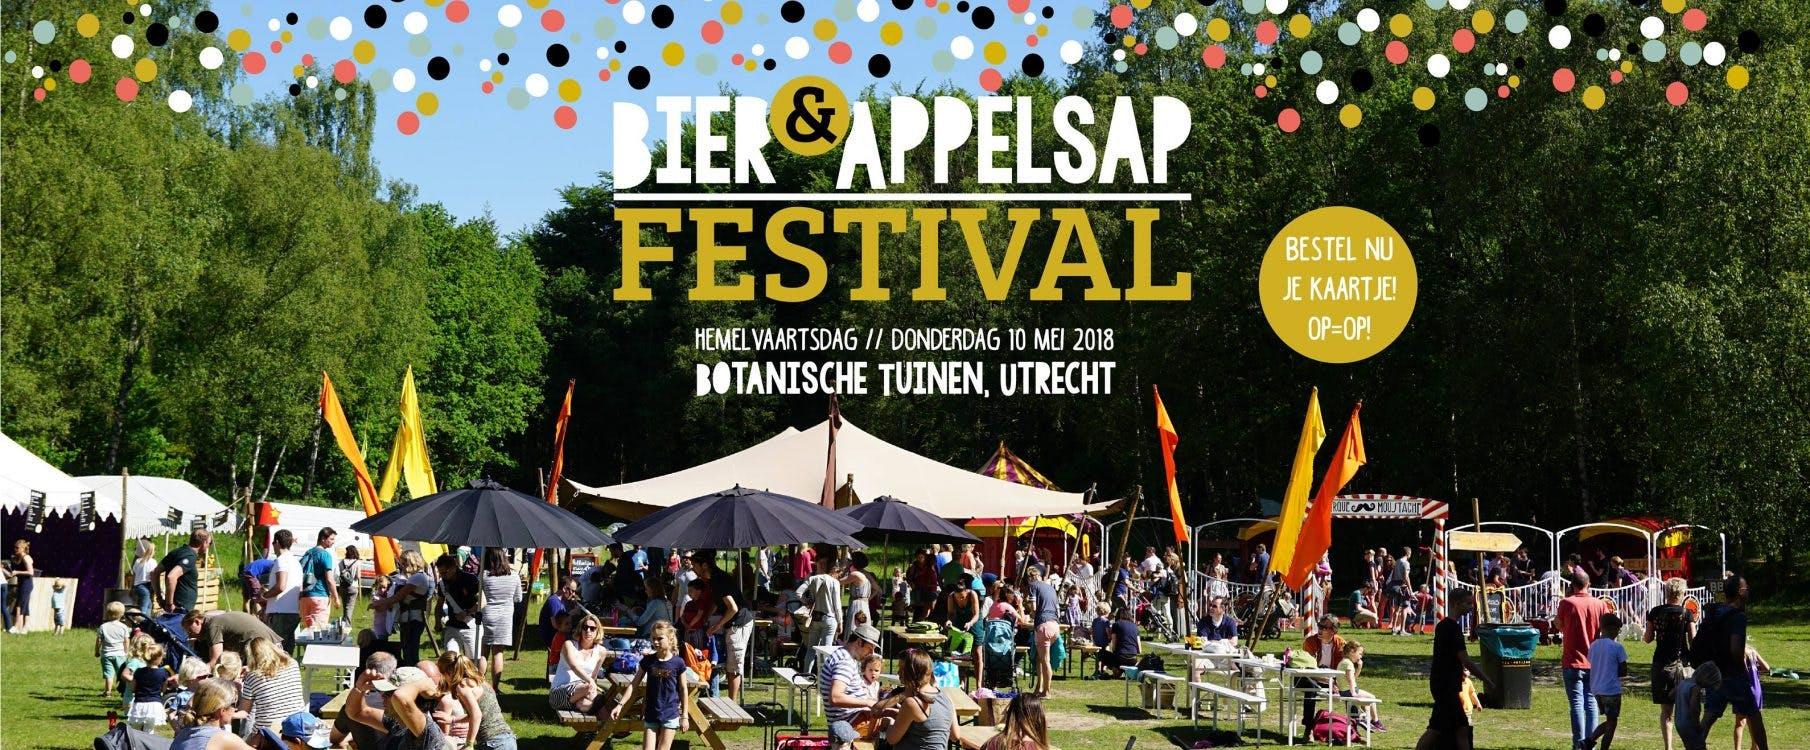 Meer dan 50 activiteiten voor jong en oud op Bier en Appelsap Festival; Win nu kaarten